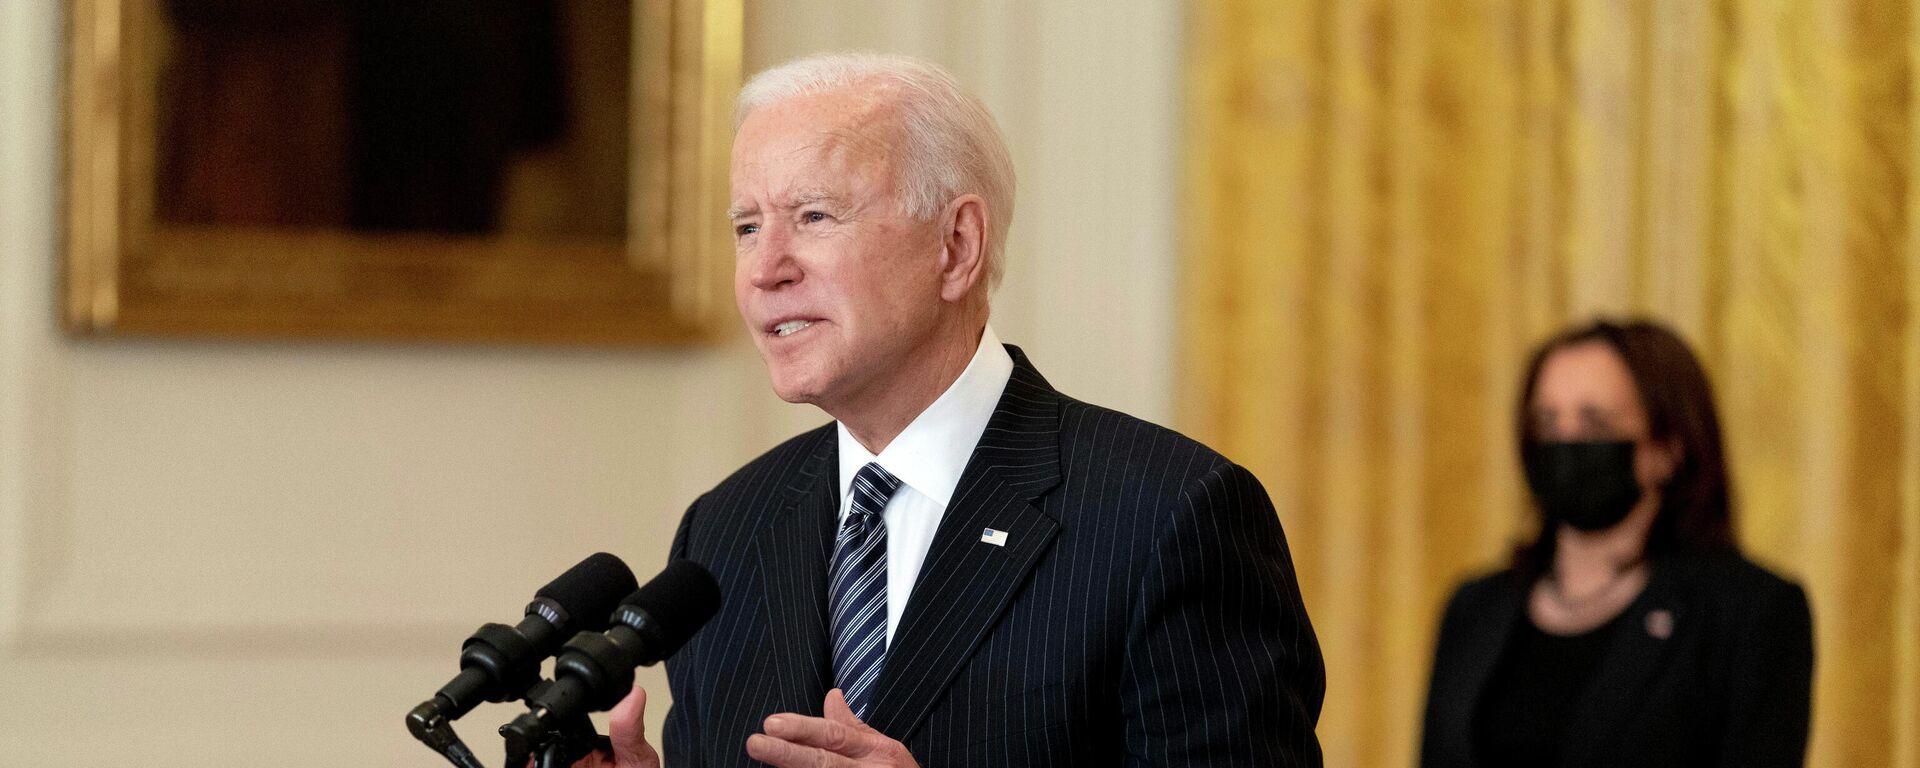 Joe Biden, presidente de EEUU, y Kamala Harris, vicepresidenta (archivo) - Sputnik Mundo, 1920, 06.08.2021